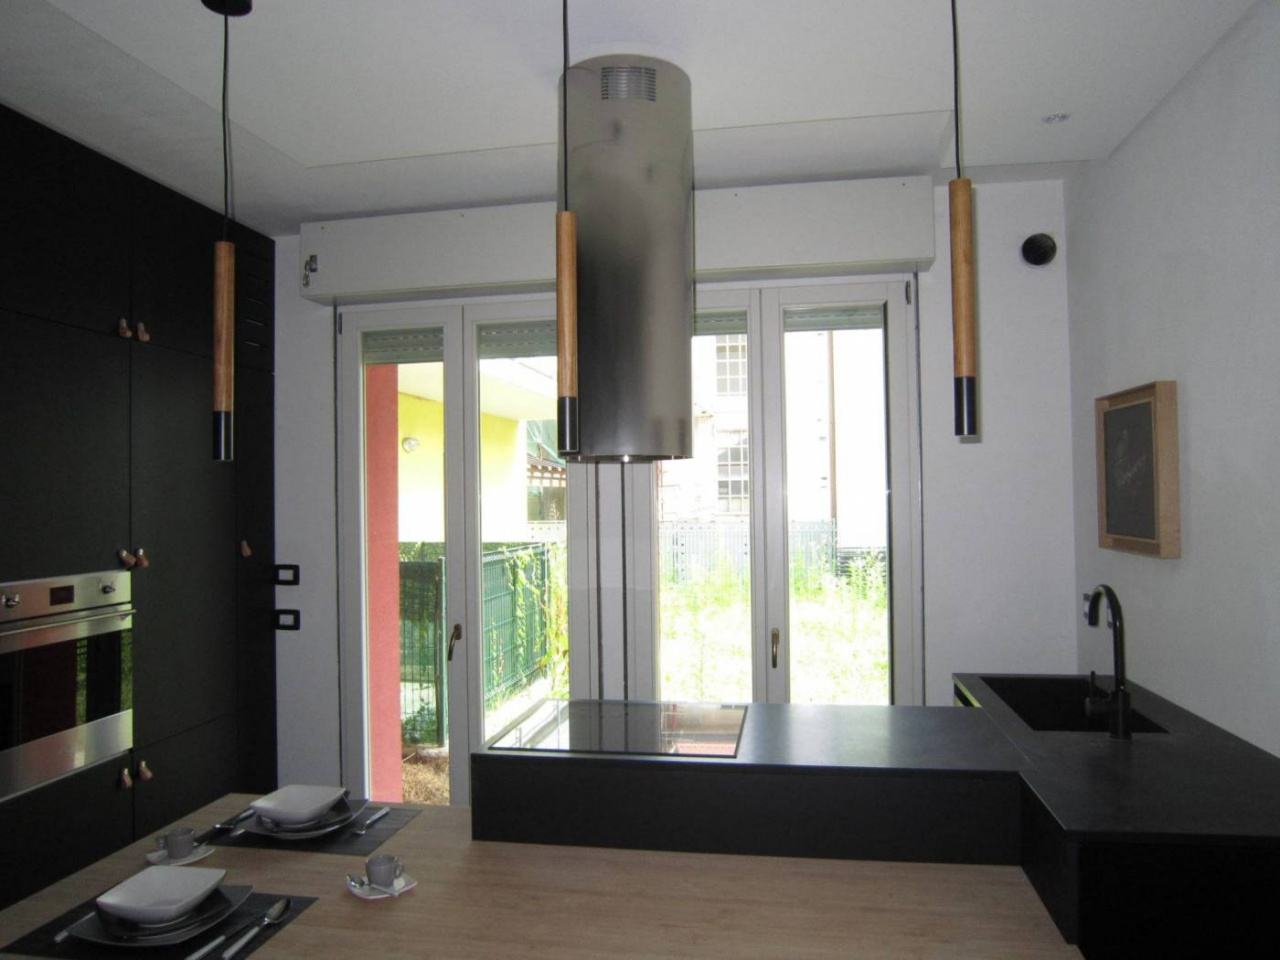 Appartamento in vendita a Alzano Lombardo, 1 locali, prezzo € 105.000 | CambioCasa.it